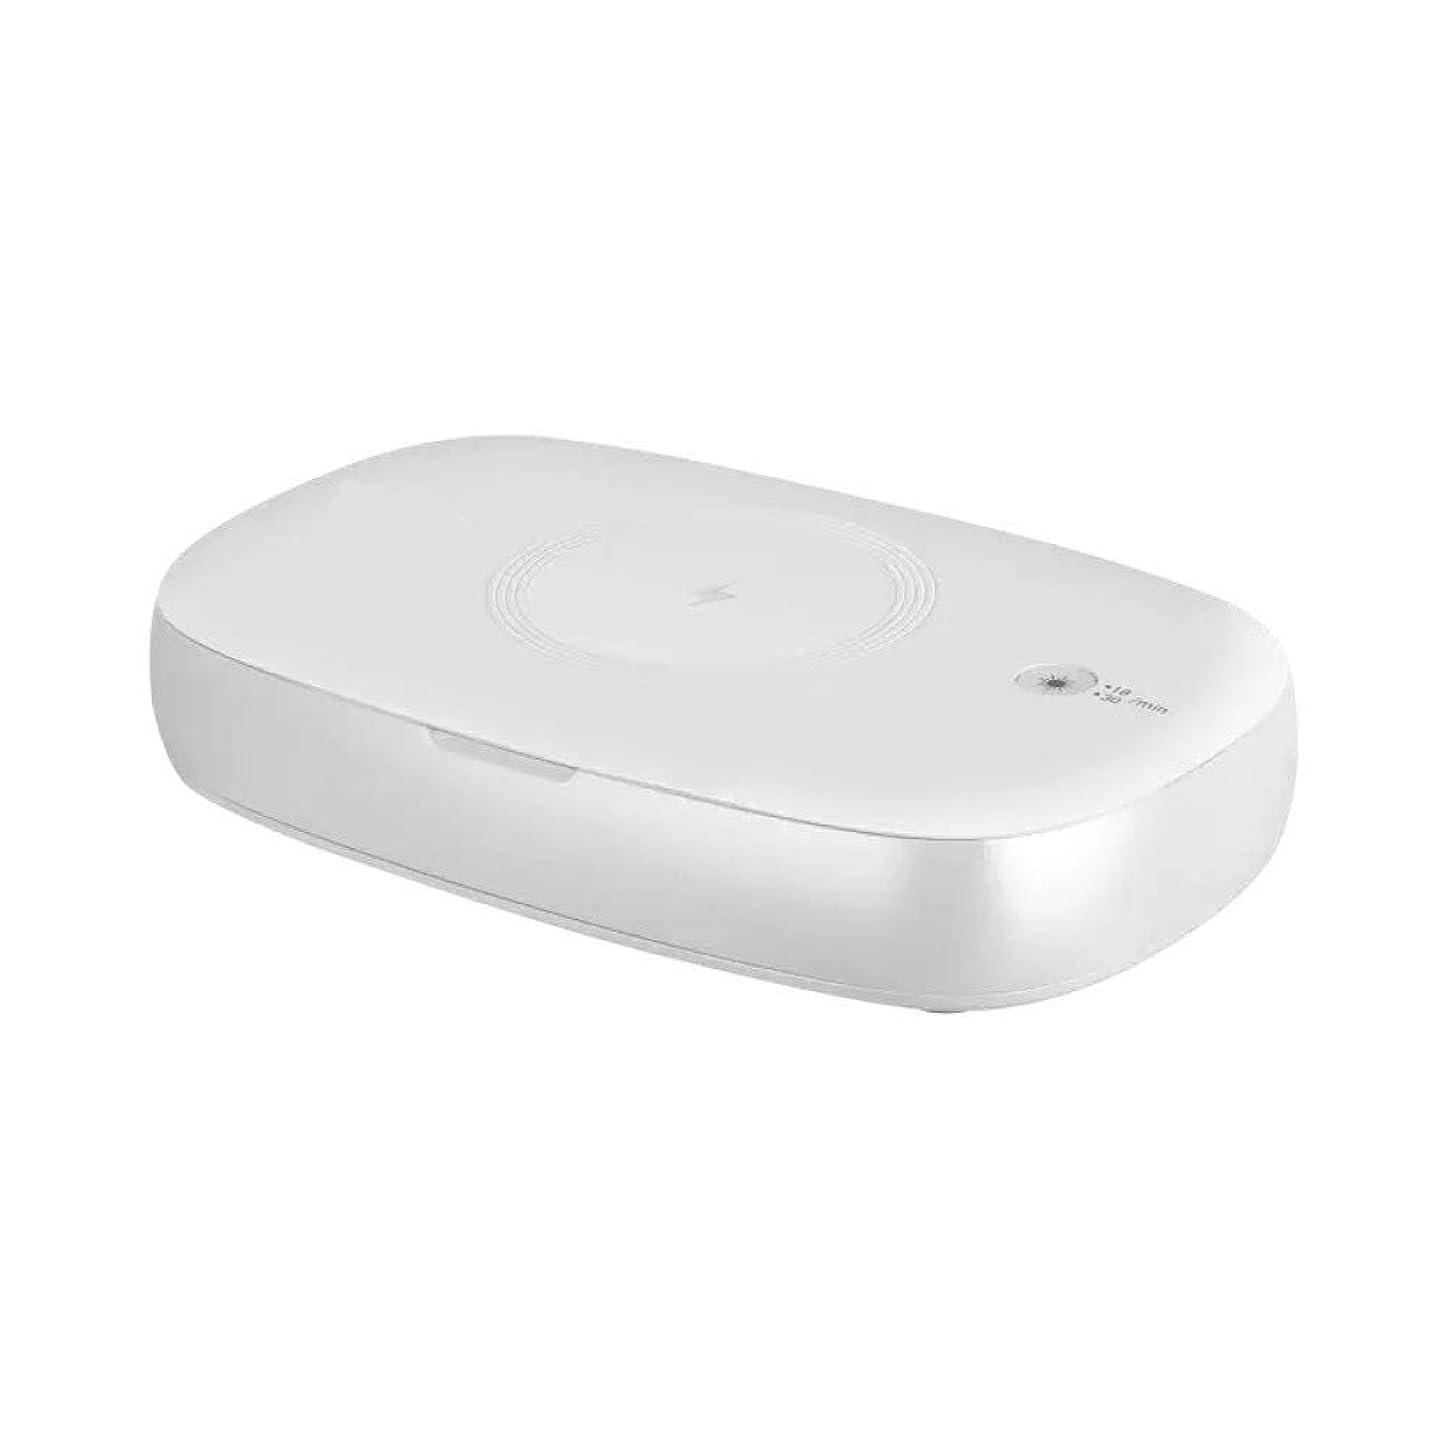 戦う直面する正気XHMCDZ UV携帯電話消毒およびワイヤレス充電器多機能消毒ボックス、3in1電話滅菌ボックス充電器およびアロマセラピー